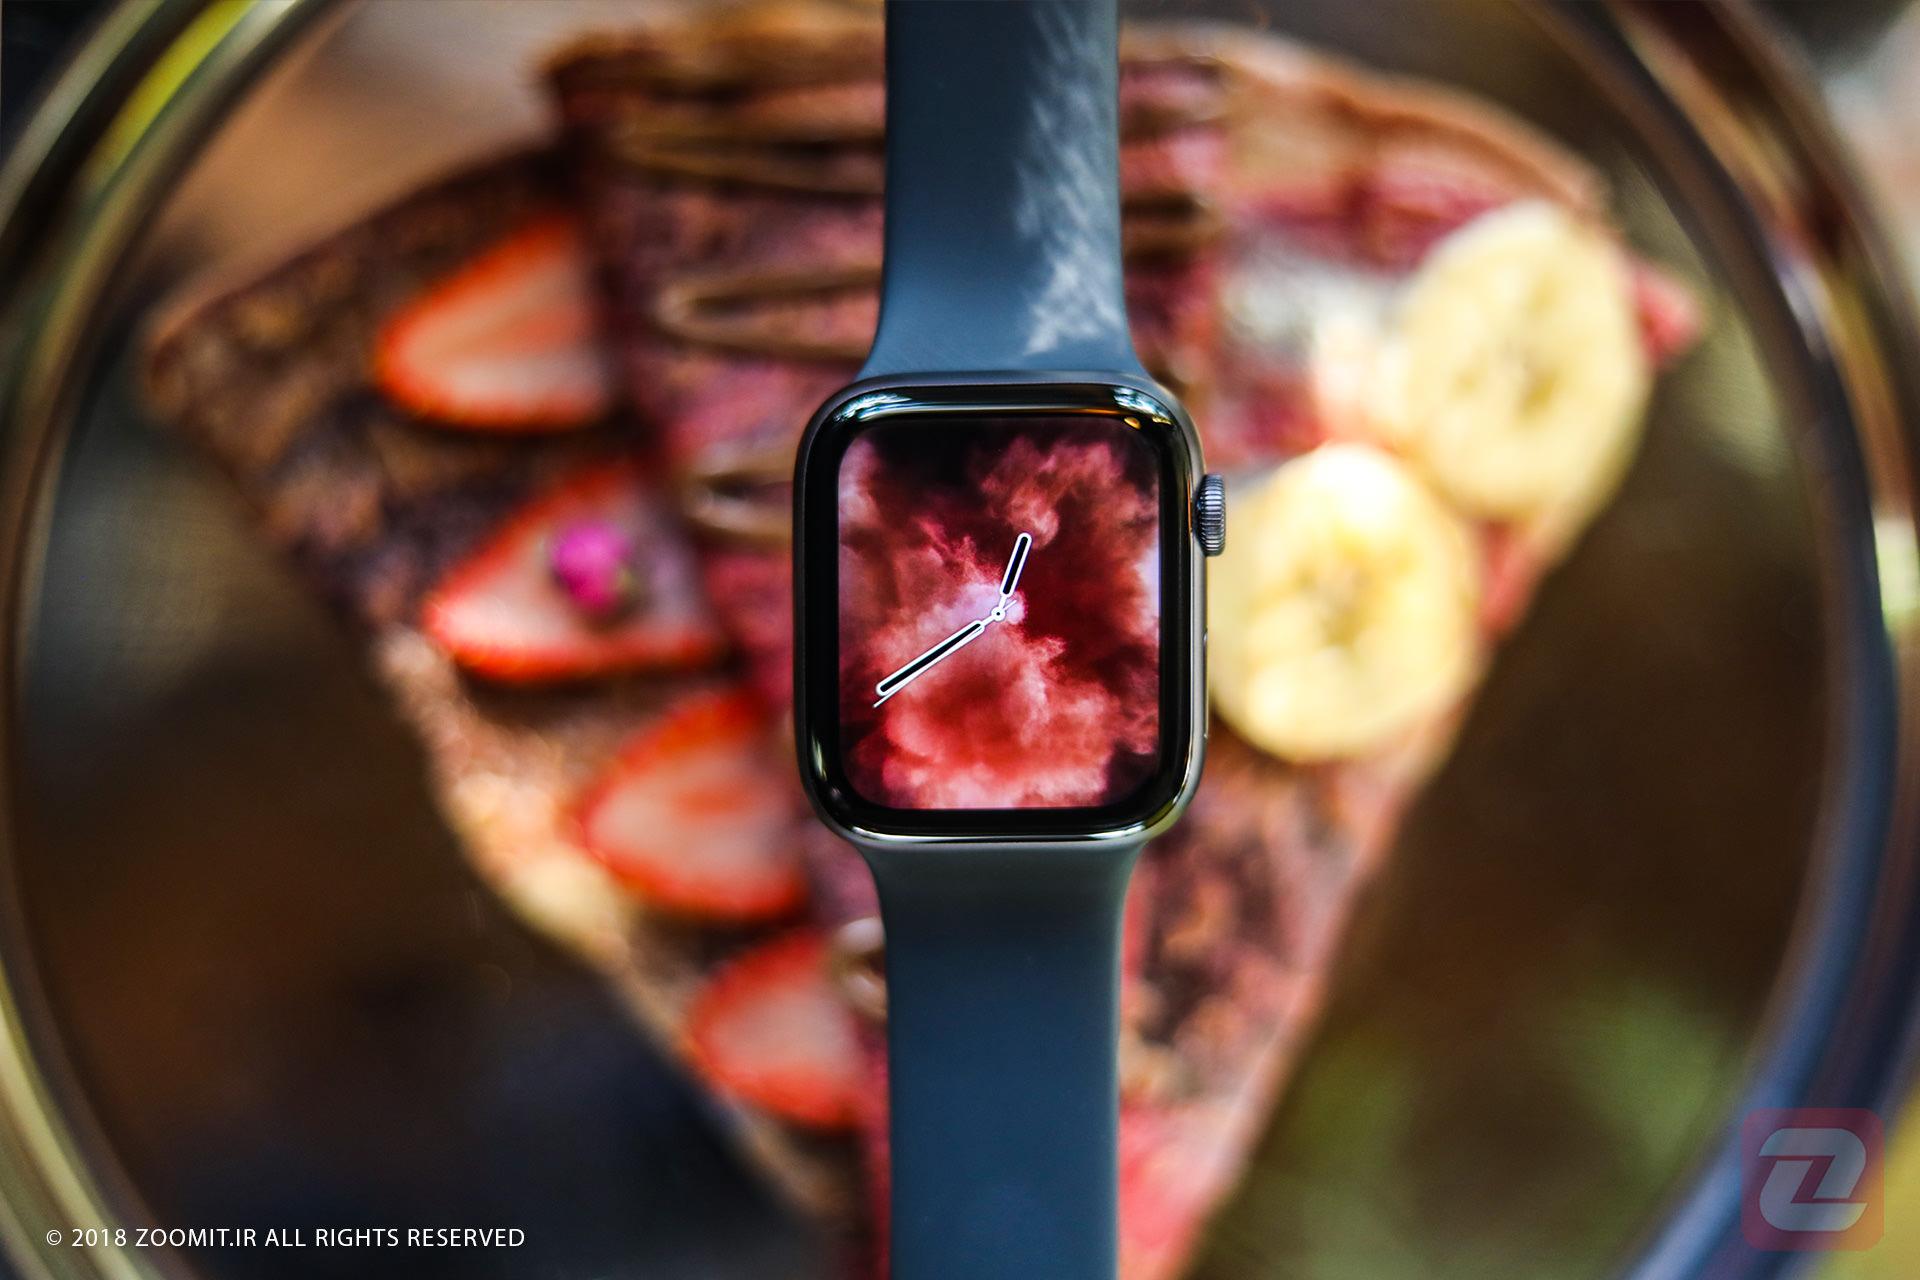 نقد و بررسی اپل واچ سری 4